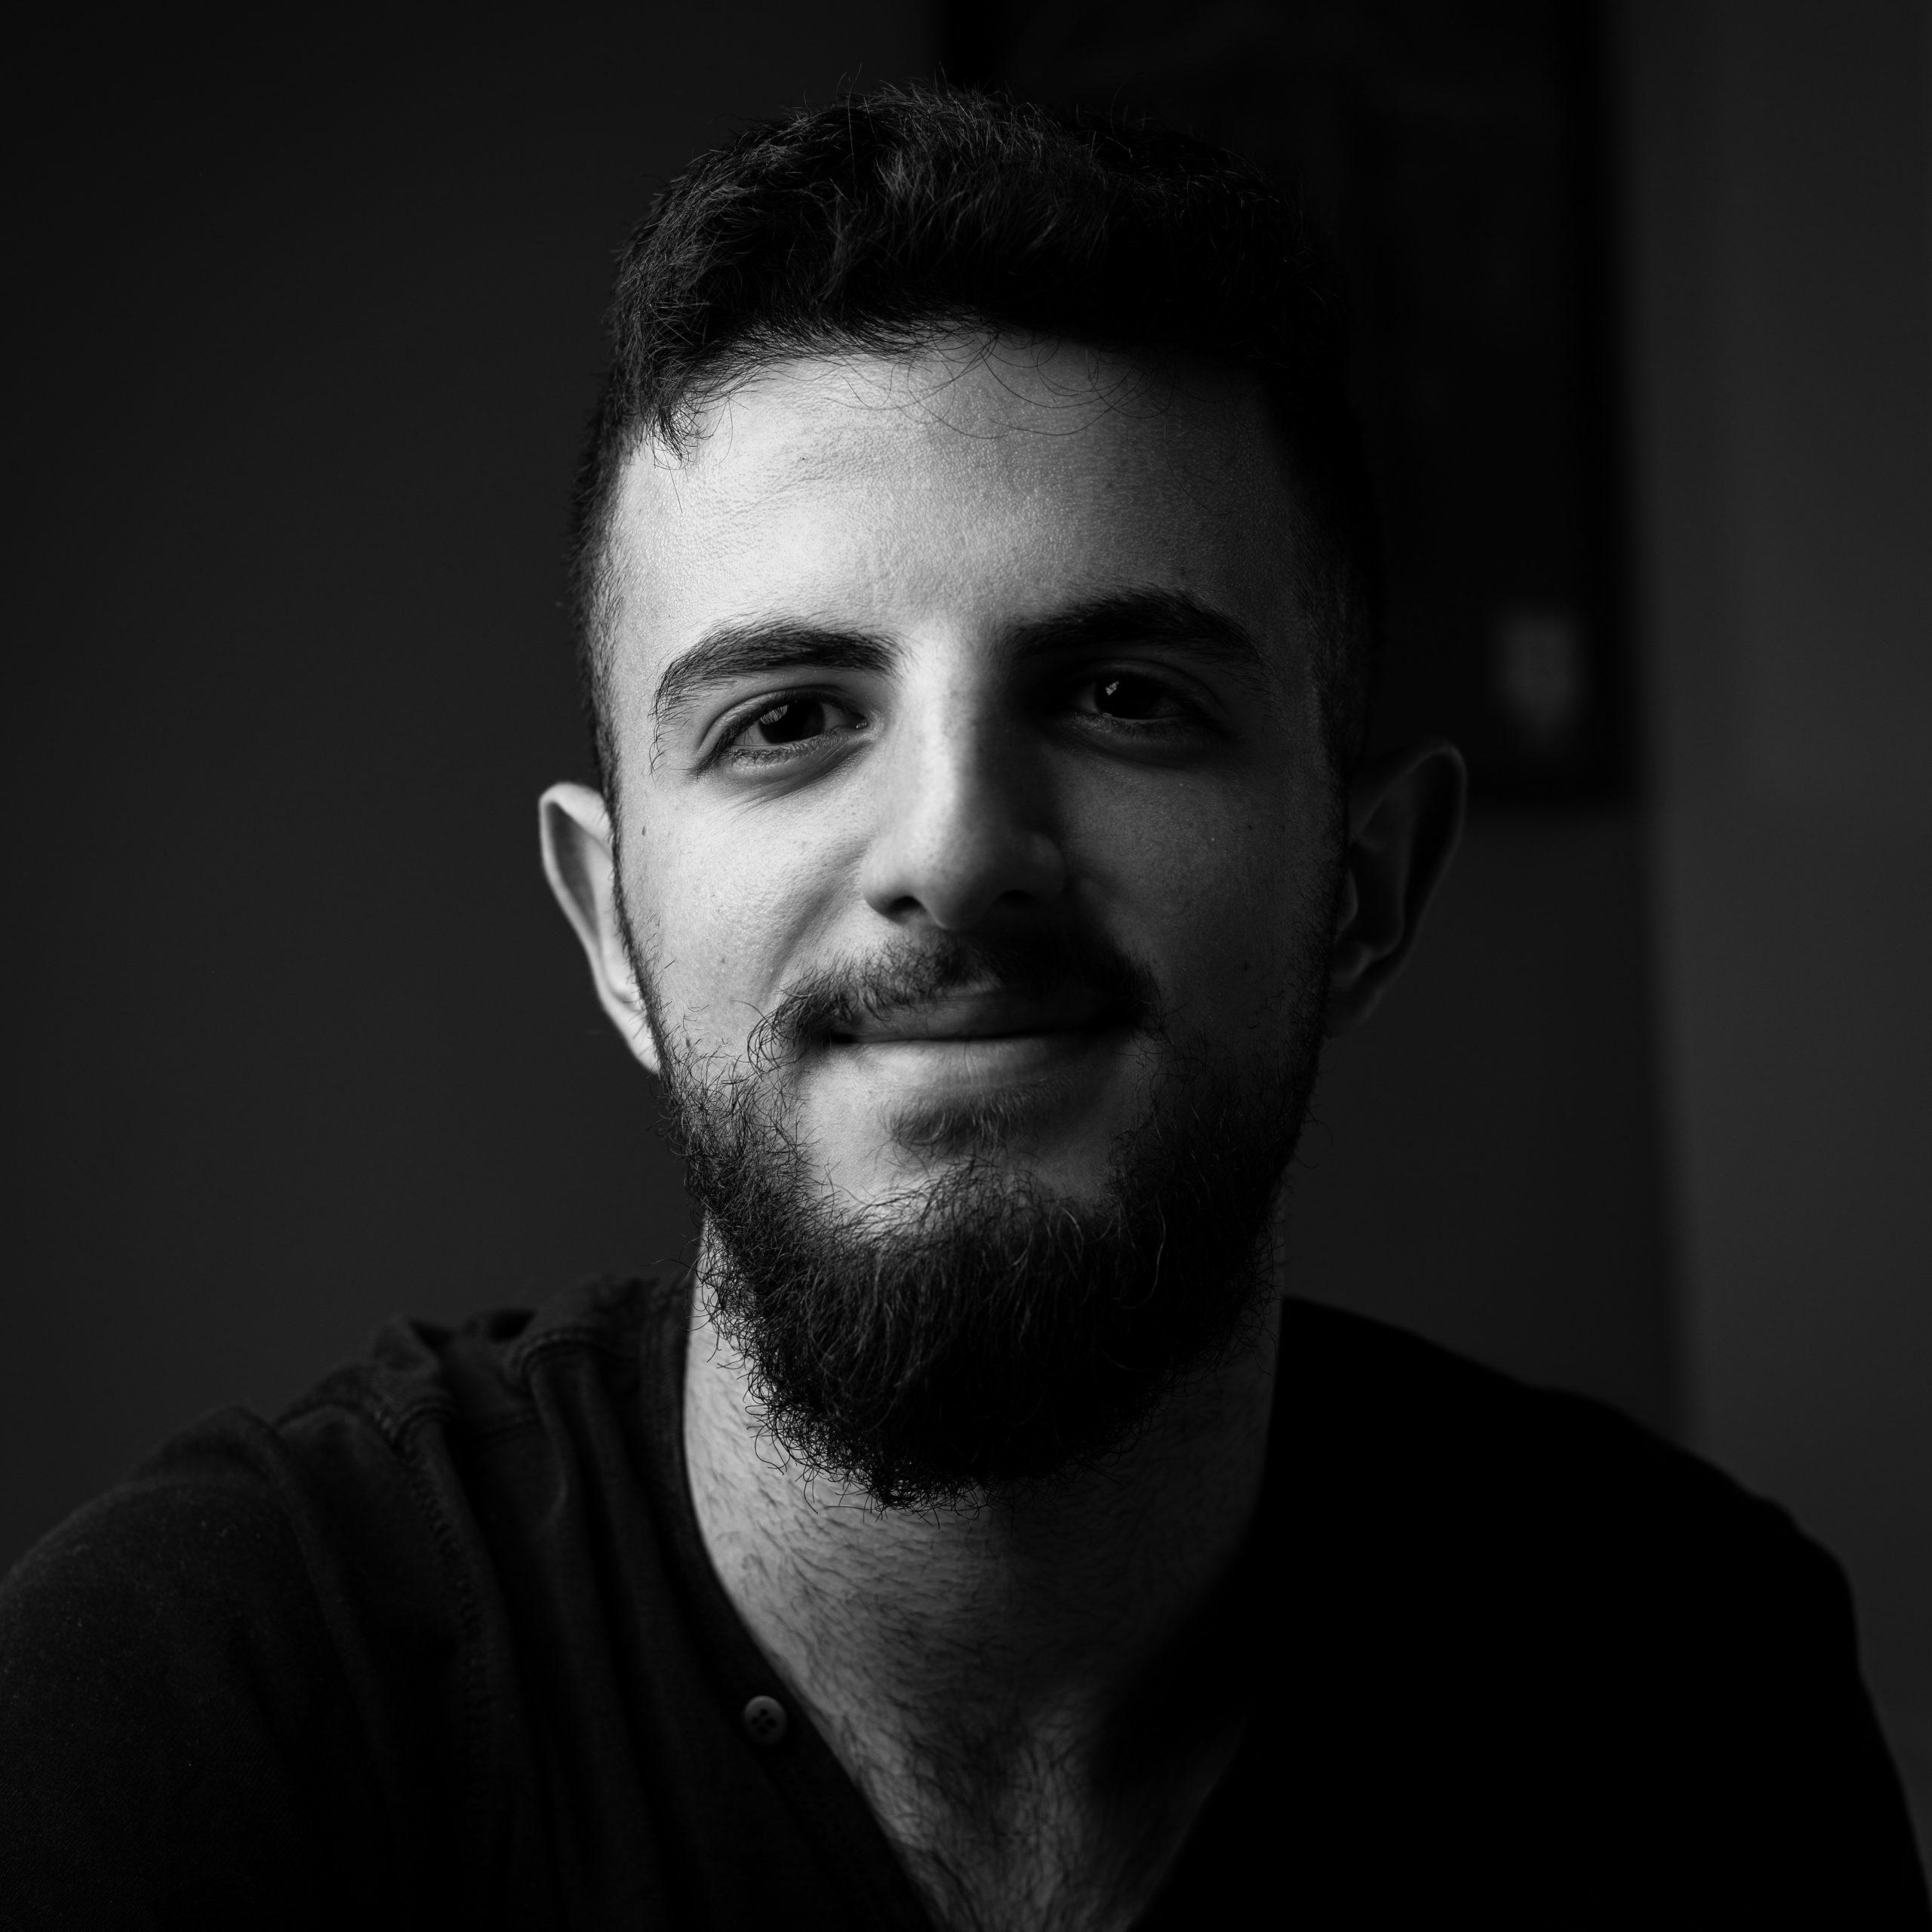 Firas Marjieh - Self Portrait